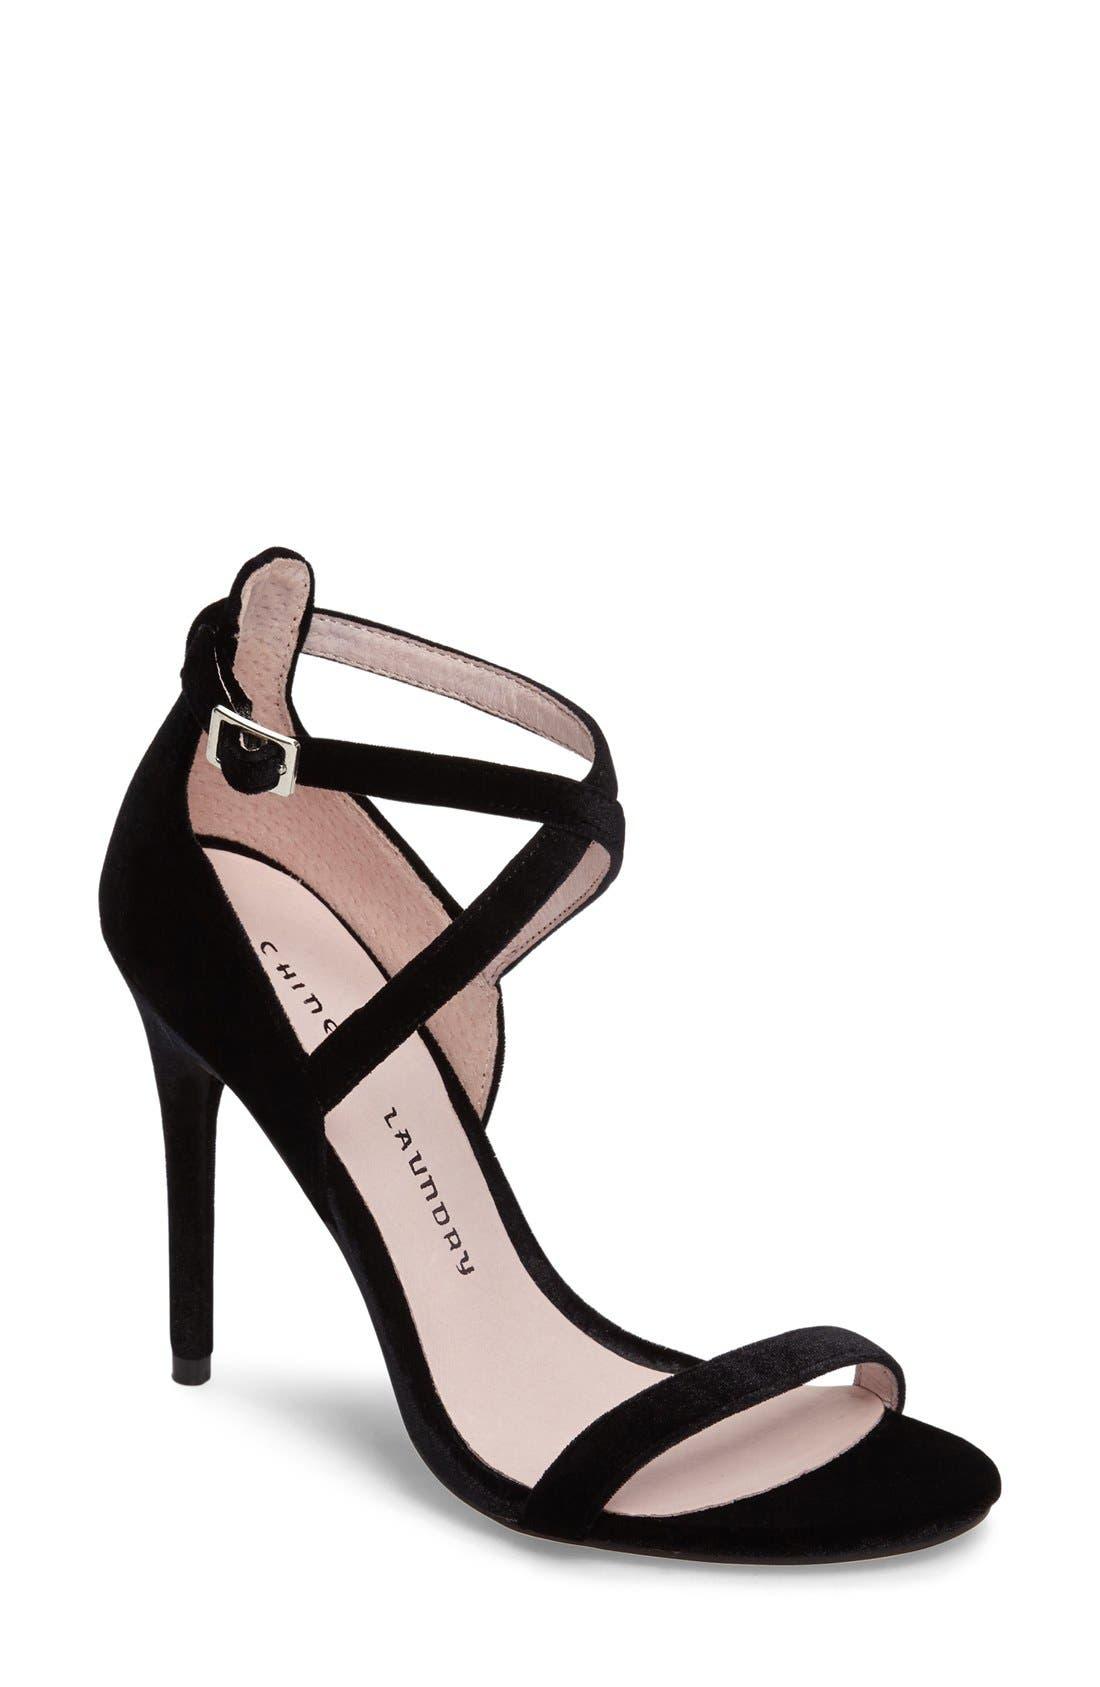 Lavelle Ankle Strap Sandal,                         Main,                         color, 001